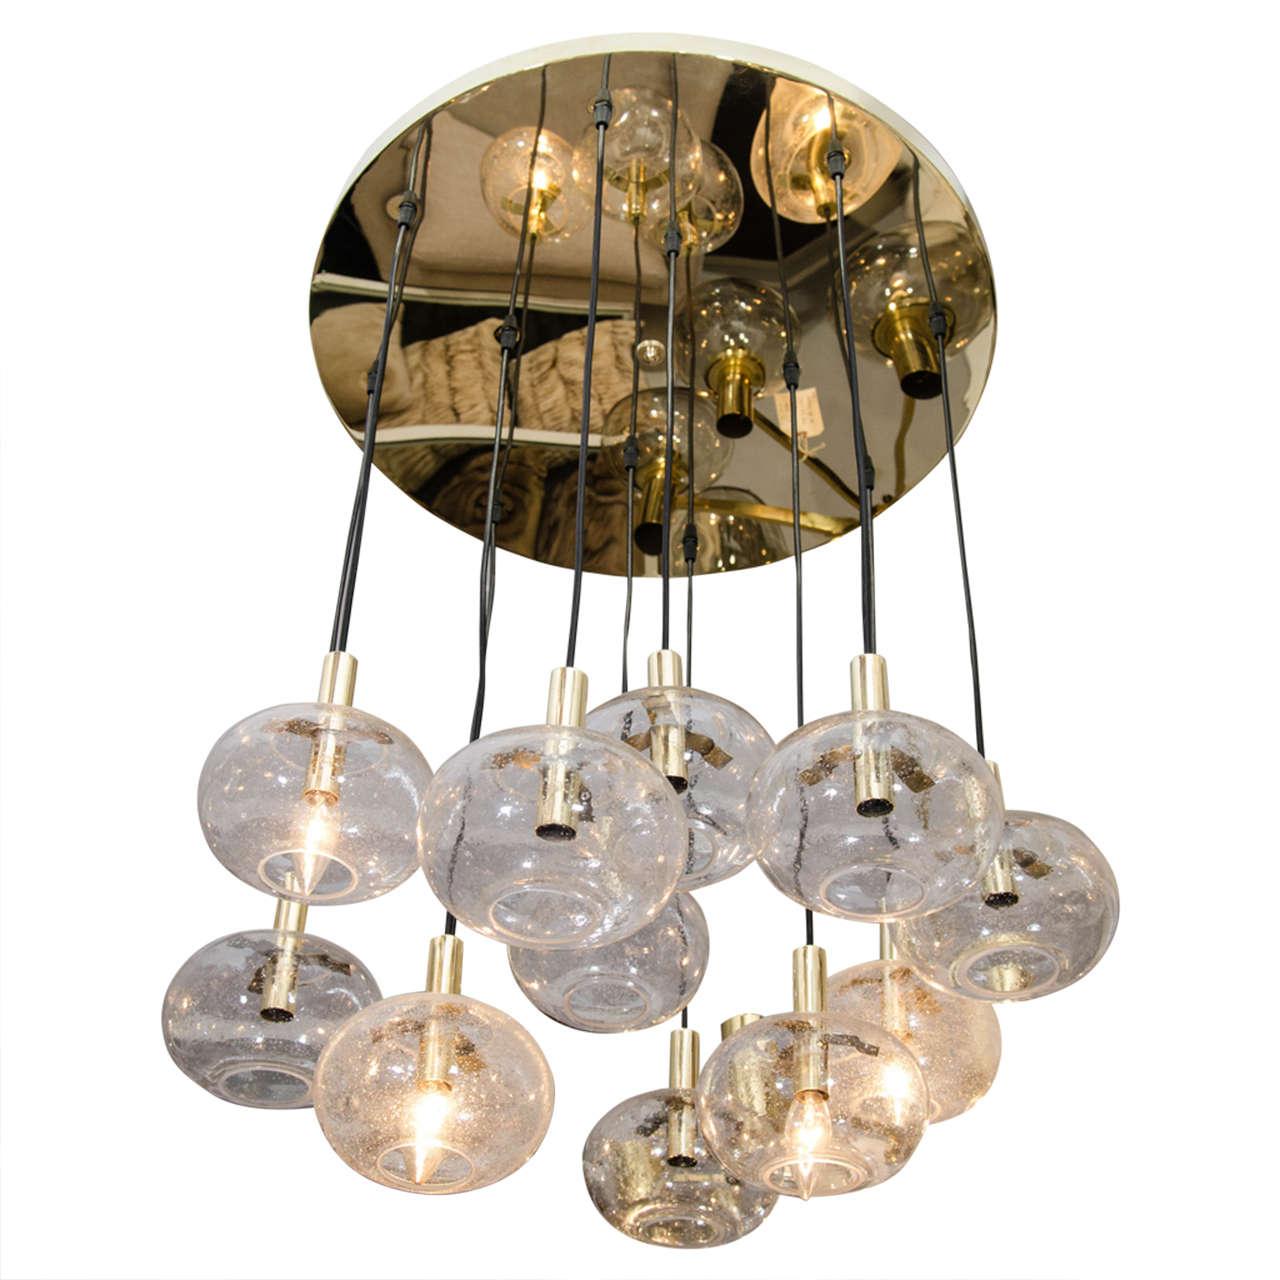 Custom Twelve-Globe Chandelier with Brass Canopy